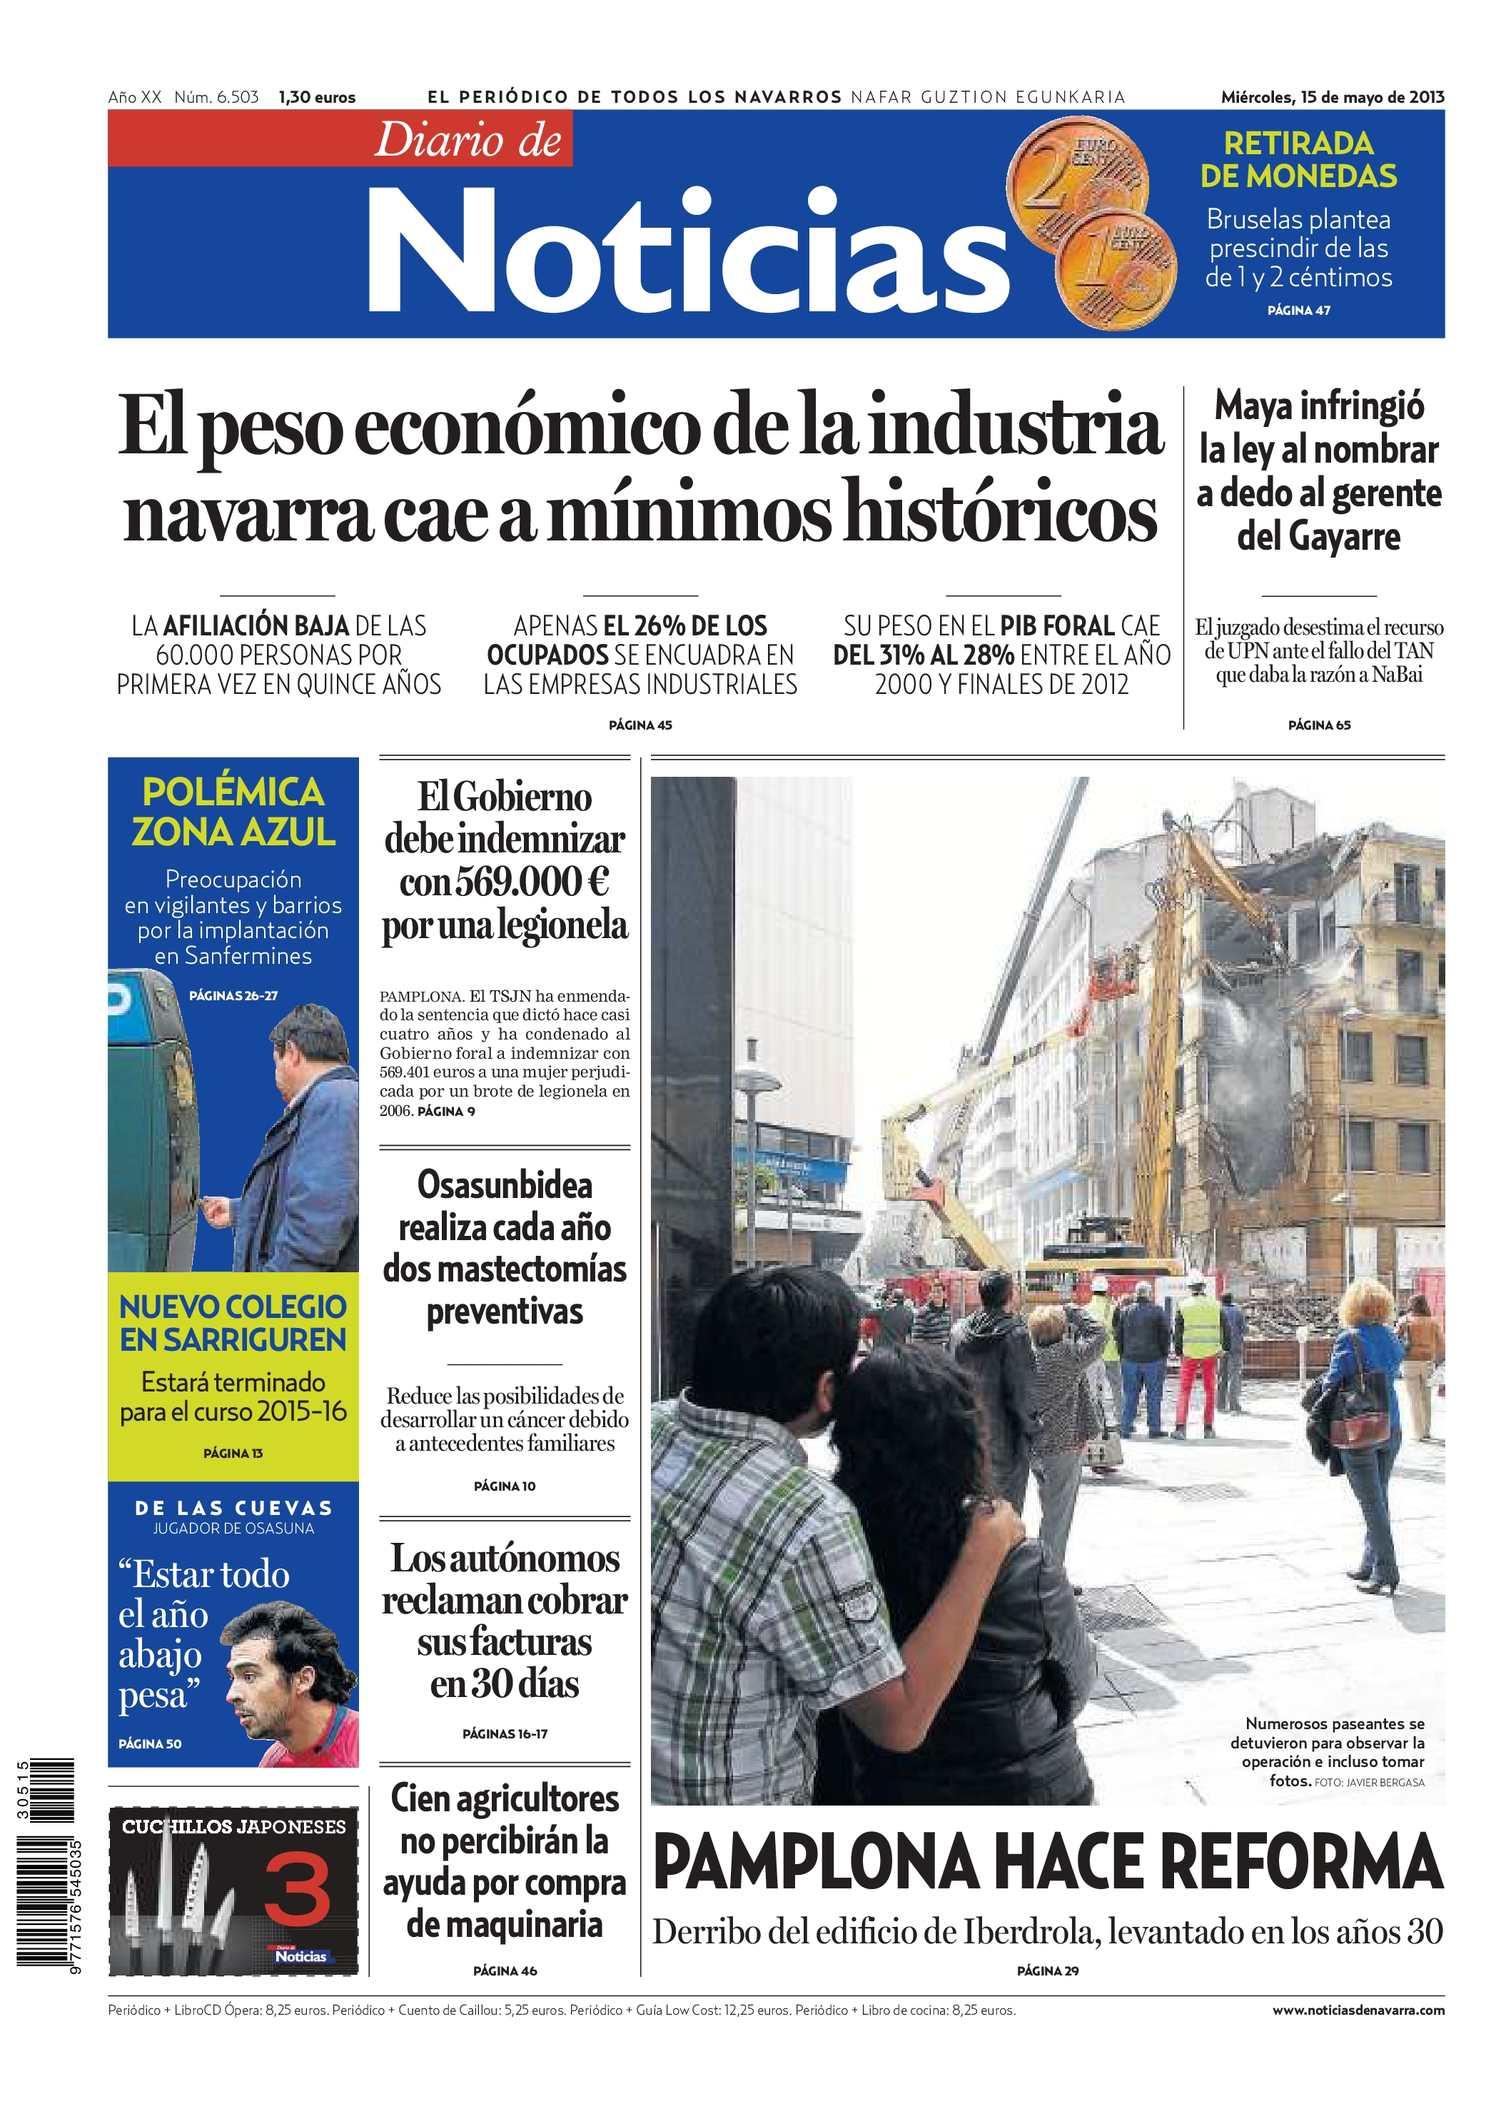 Calaméo - Diario de Noticias 20130515 972320b4414